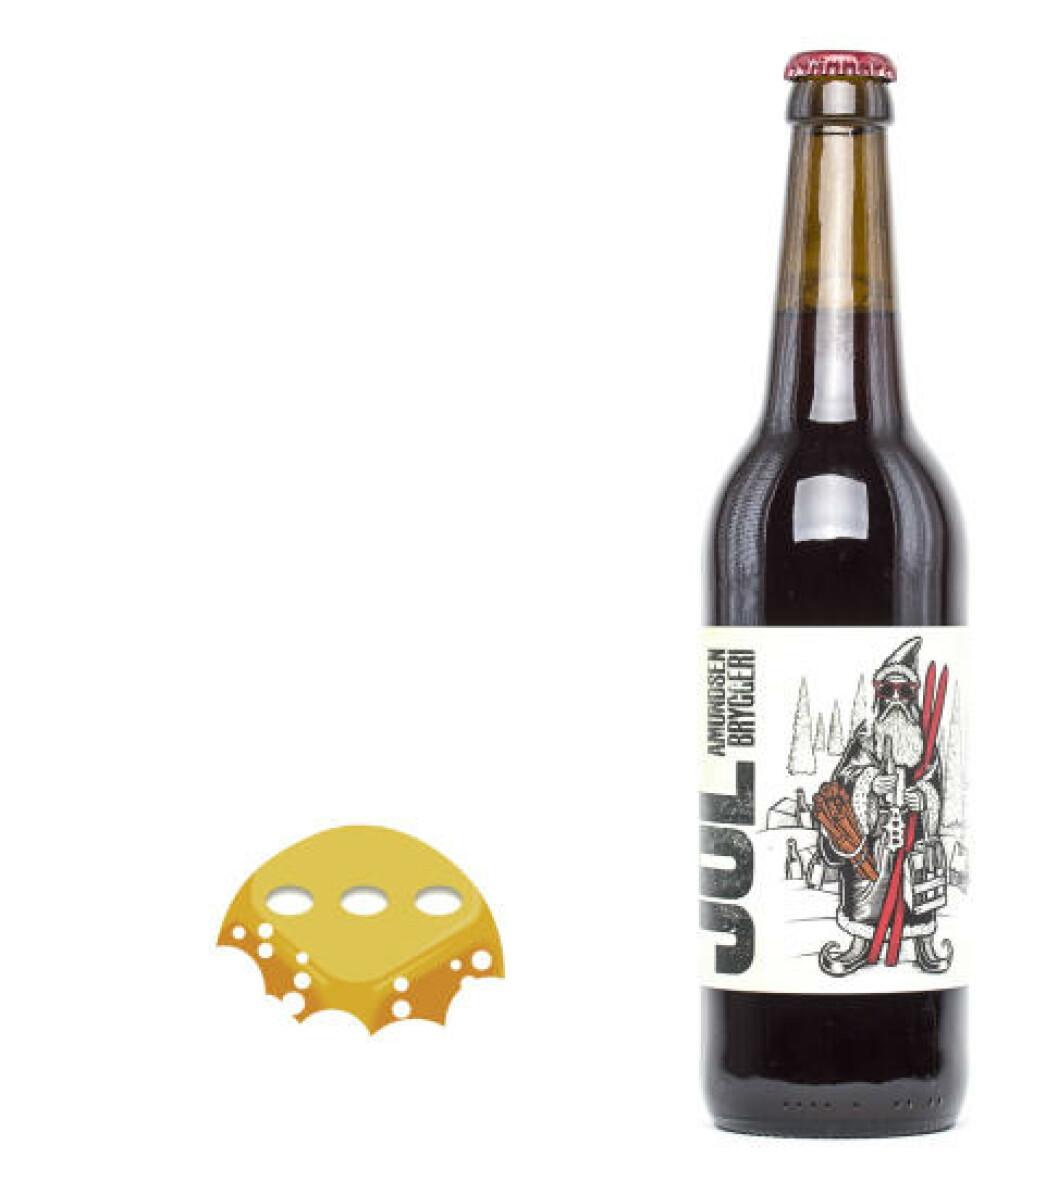 Amundsen Jól, 0,5 l flaske, 6%. Dette ølet passer best for seg, et drikkeøl.